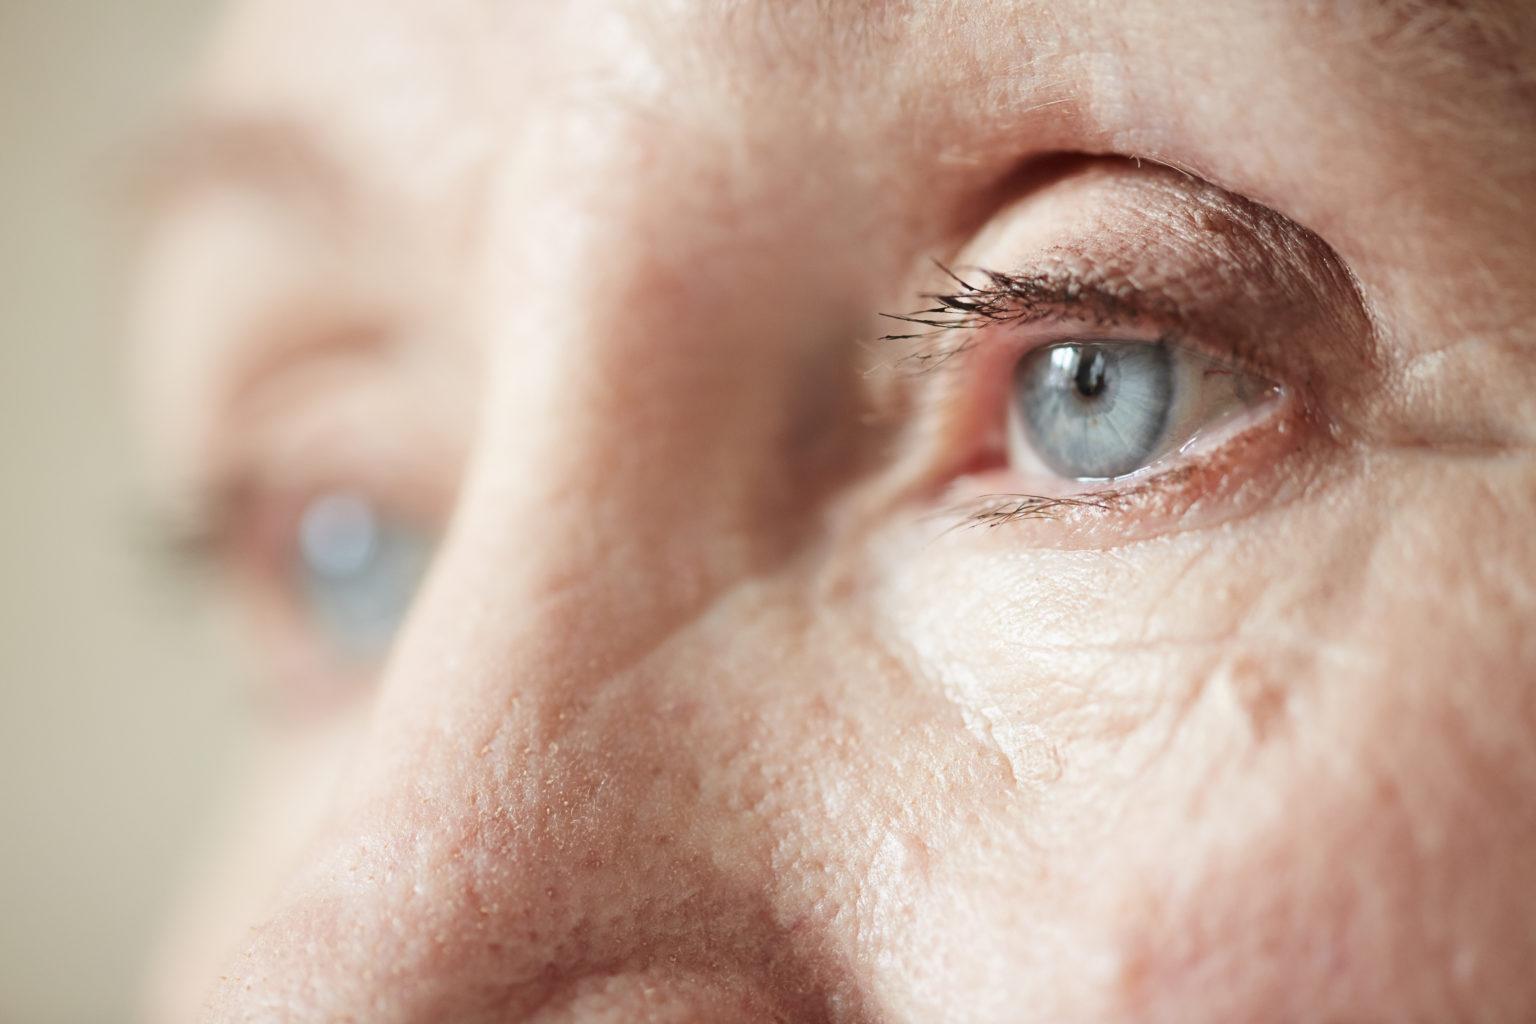 Blauen Augen einer ältere Person